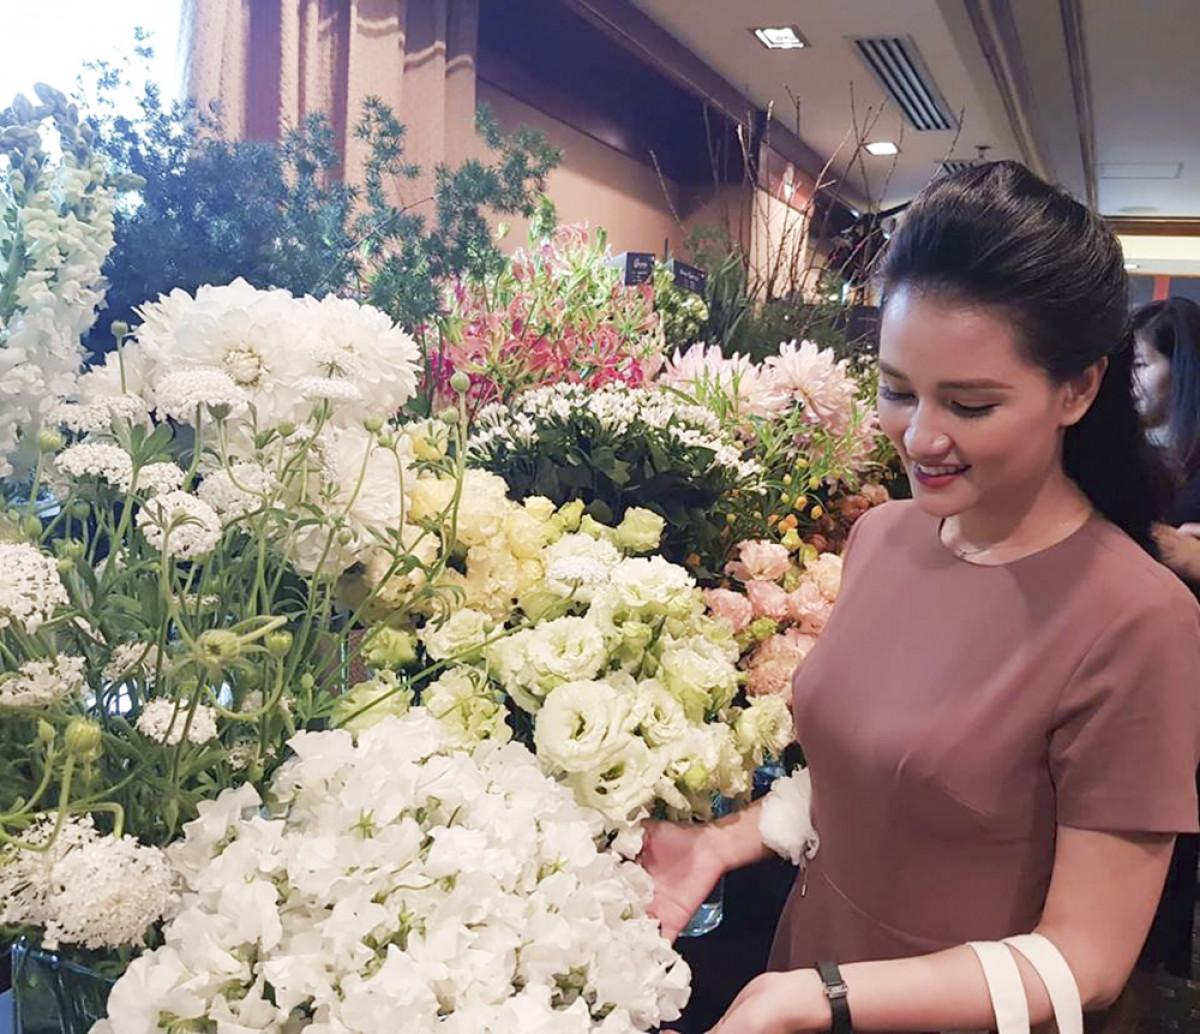 The Japanese Bloom là triển lãm hoa tươi Nhật Bản có quy mô lớn nhất tại Hà Nội và TPHCM, do Liti Florist và Naniwa Flower Auction - Sàn đấu giá hoa lớn thứ 2 tại Nhật Bản - tổ chức, giới thiệu đến những người yêu hoa những loài hoa độc đáo, mang ý nghĩa đặc biệt của Nhật Bản